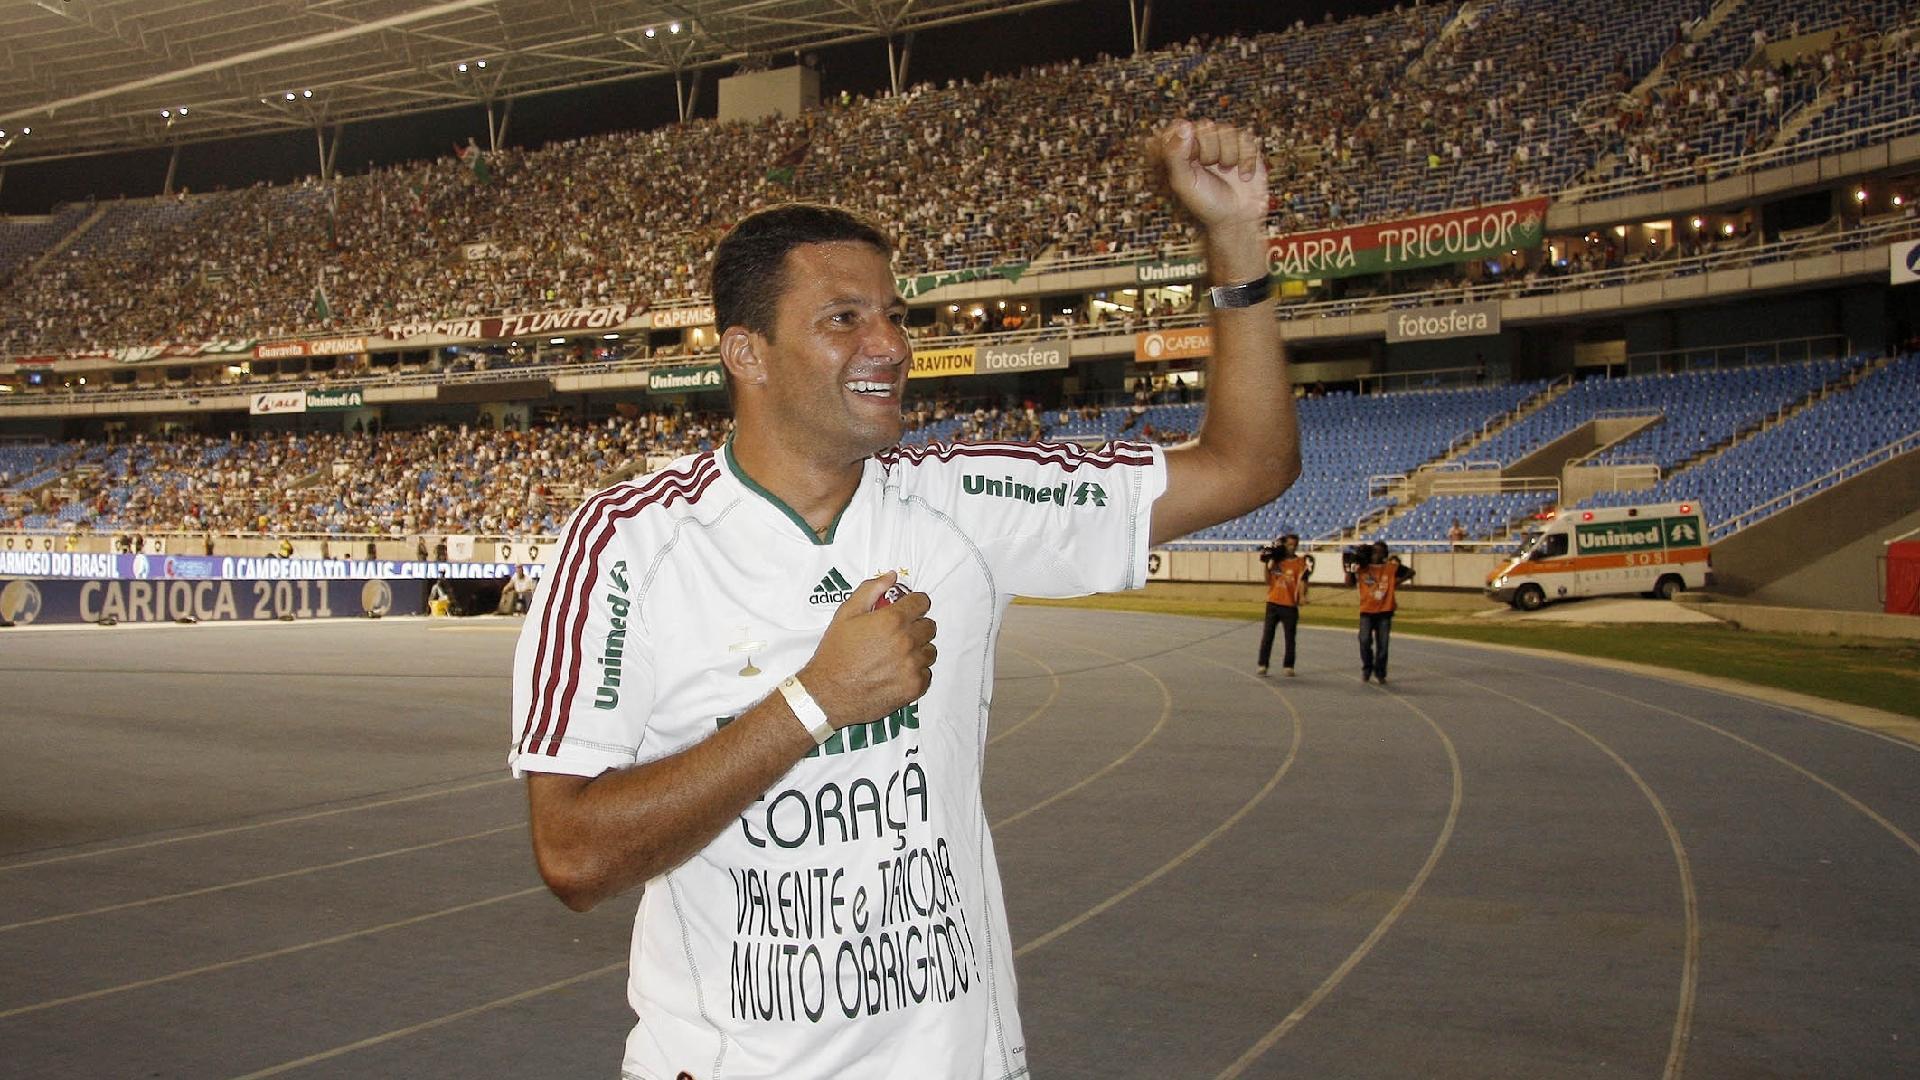 Washington se despede da torcida do Fluminense